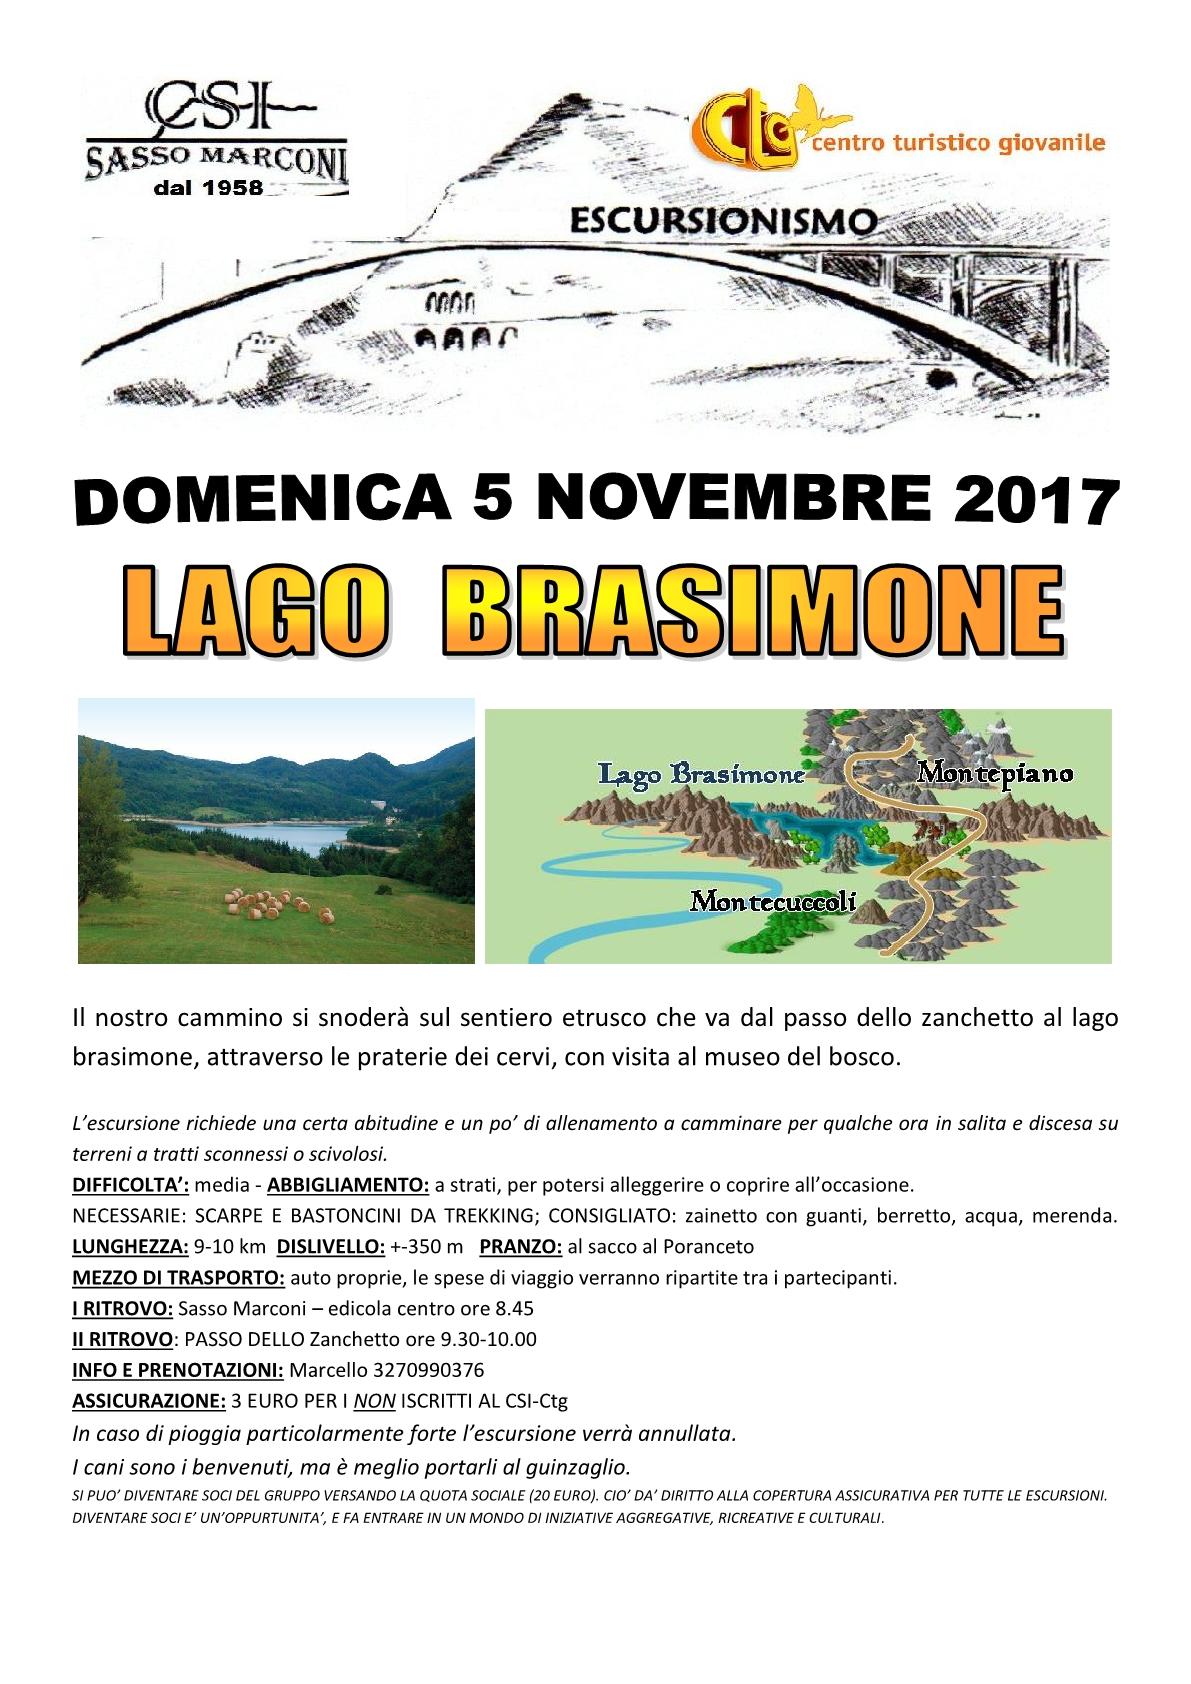 Escursione- Lago Brasimone